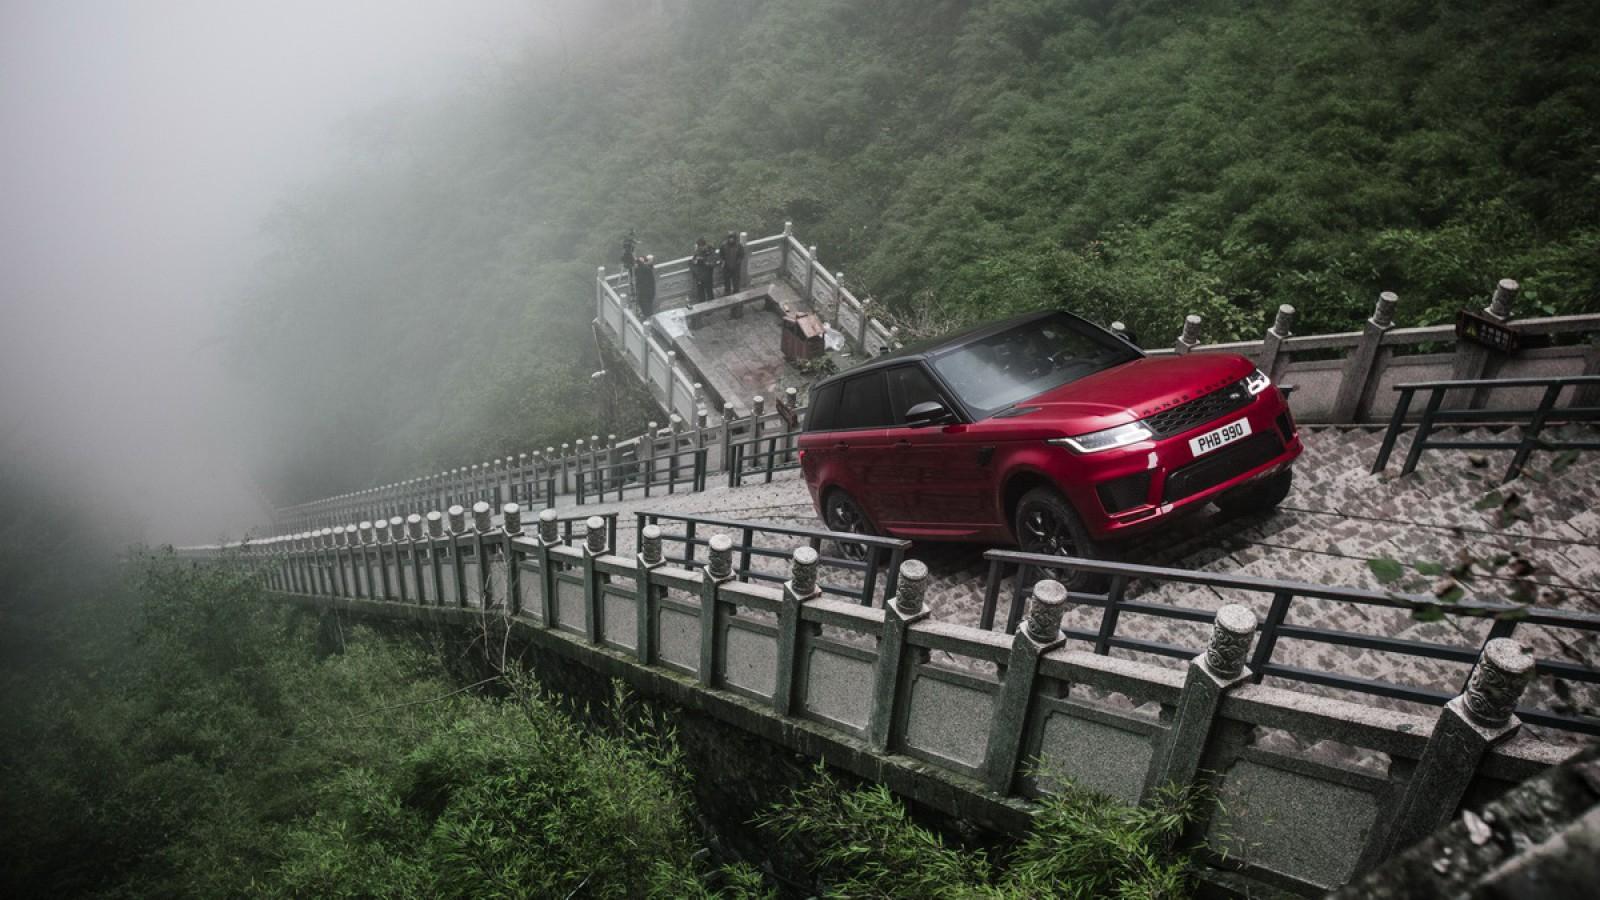 (video) Toţi credeau că e imposibil! Range Rover Sport a cucerit un traseu cu 99 de curbe şi o scară cu 999 de trepte